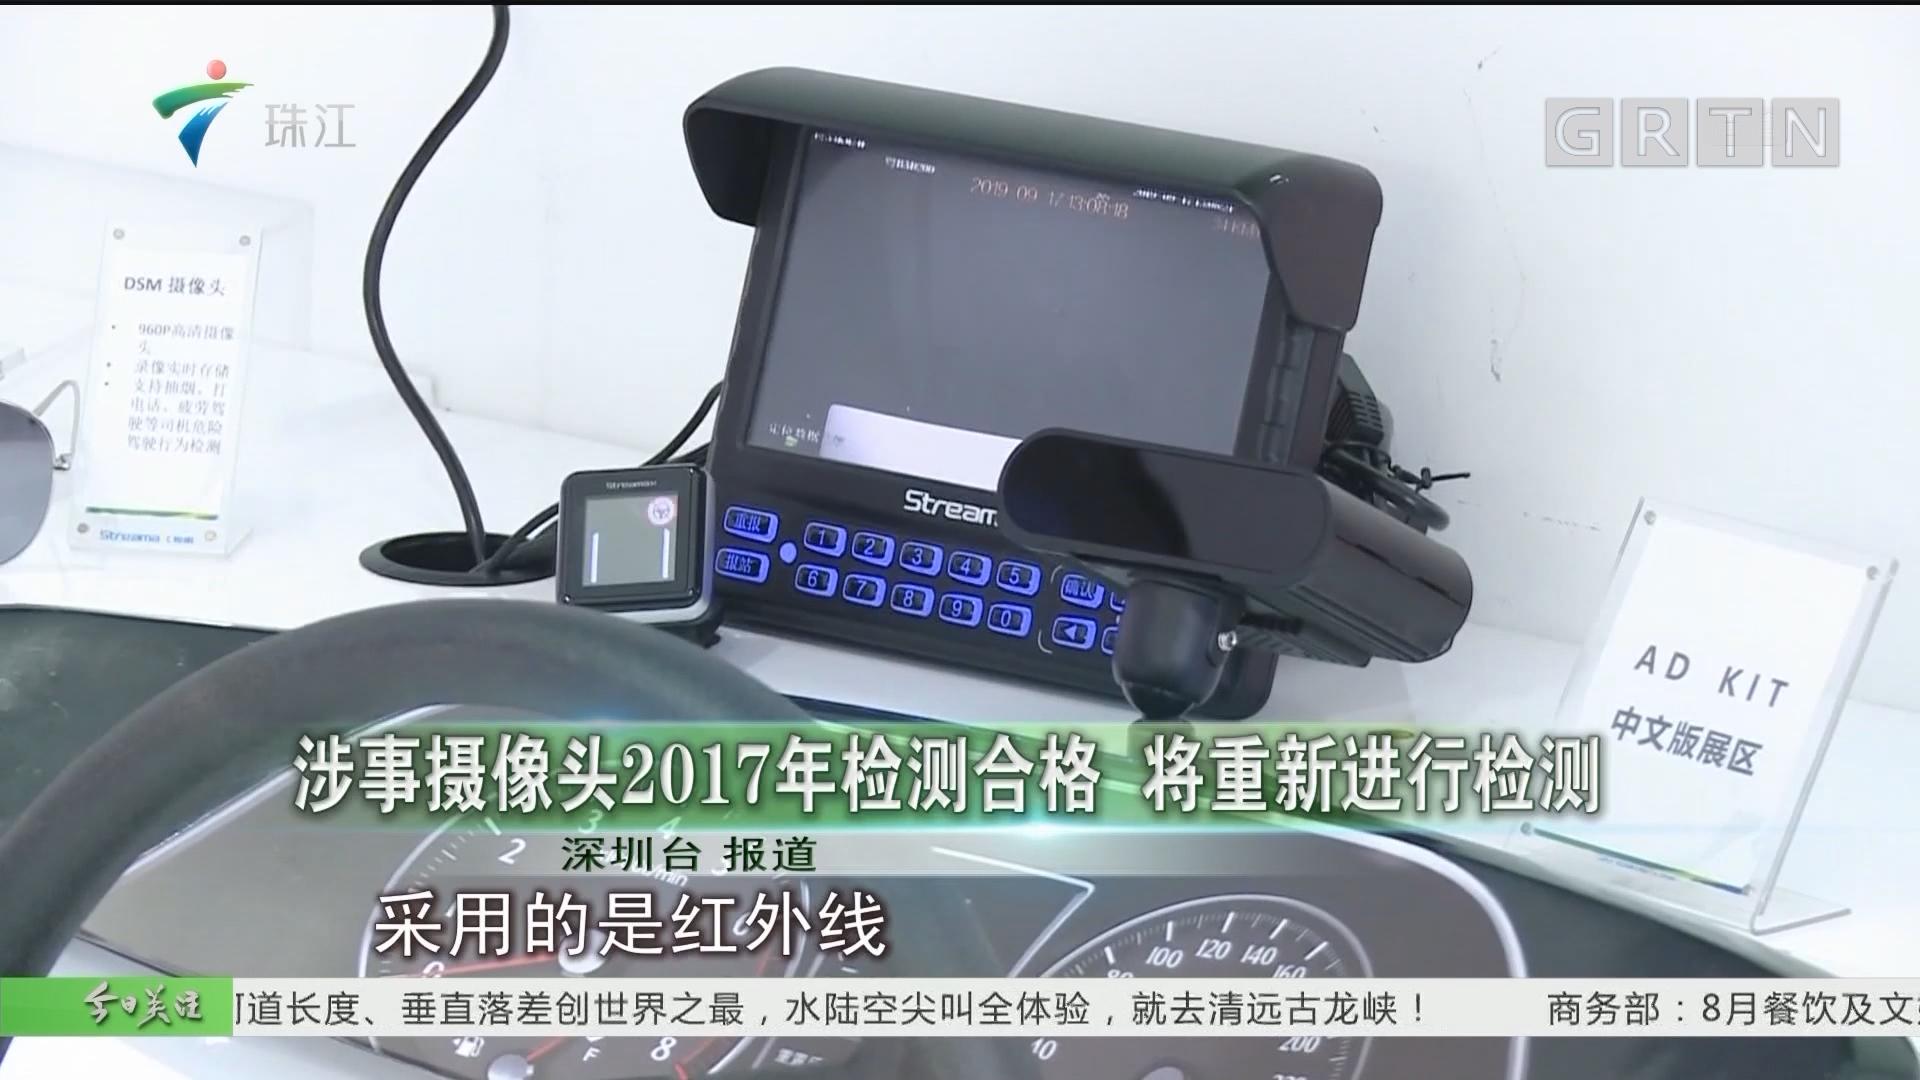 涉事攝像頭2017年檢測合格 將重新進行檢測